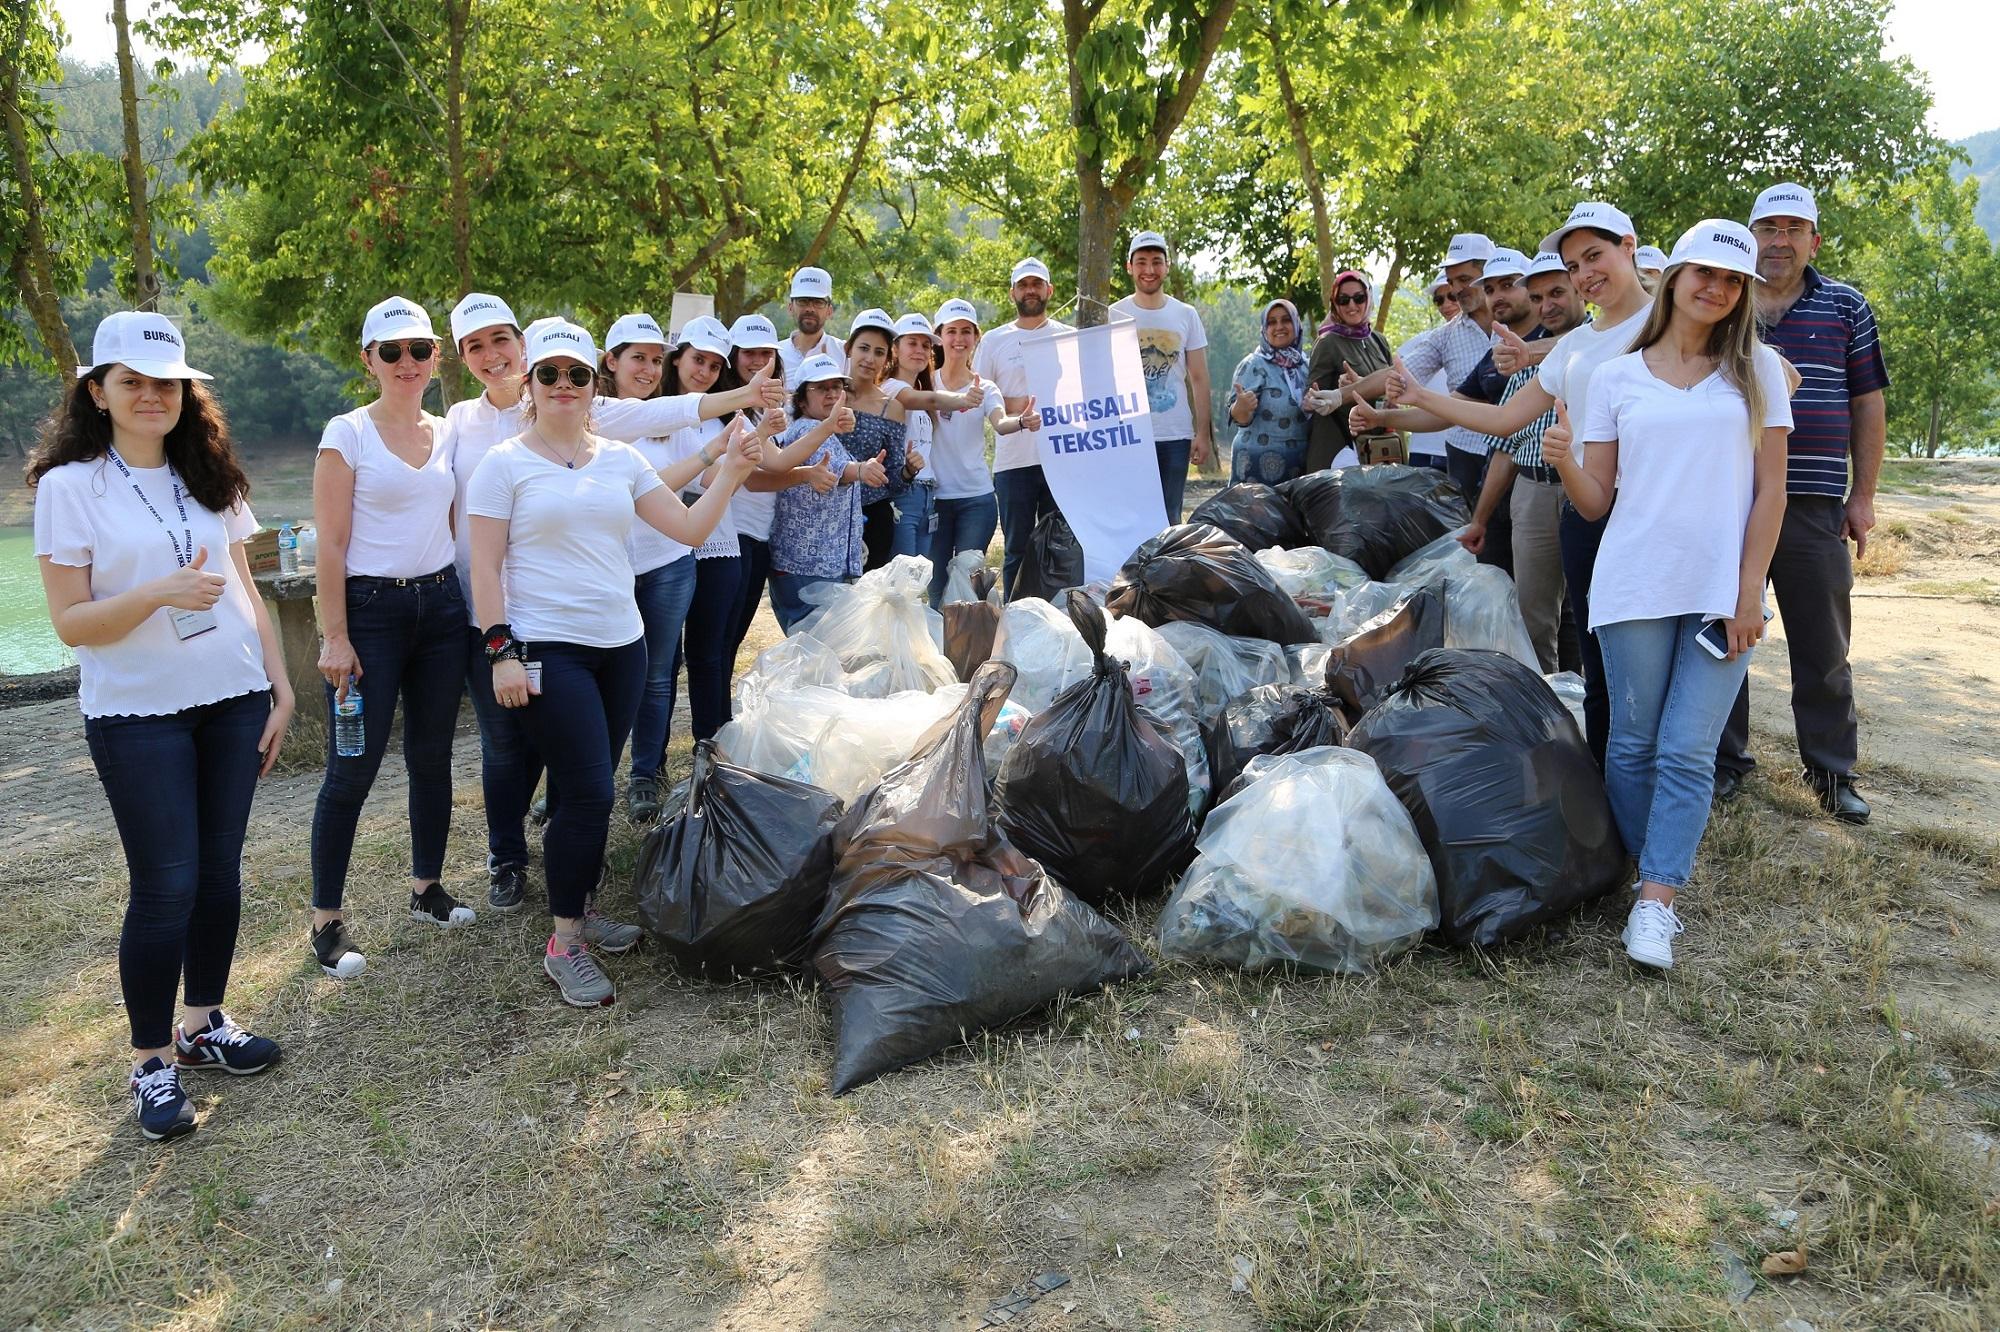 Bursalı'dan Örnek Çevre Duyarlılığı